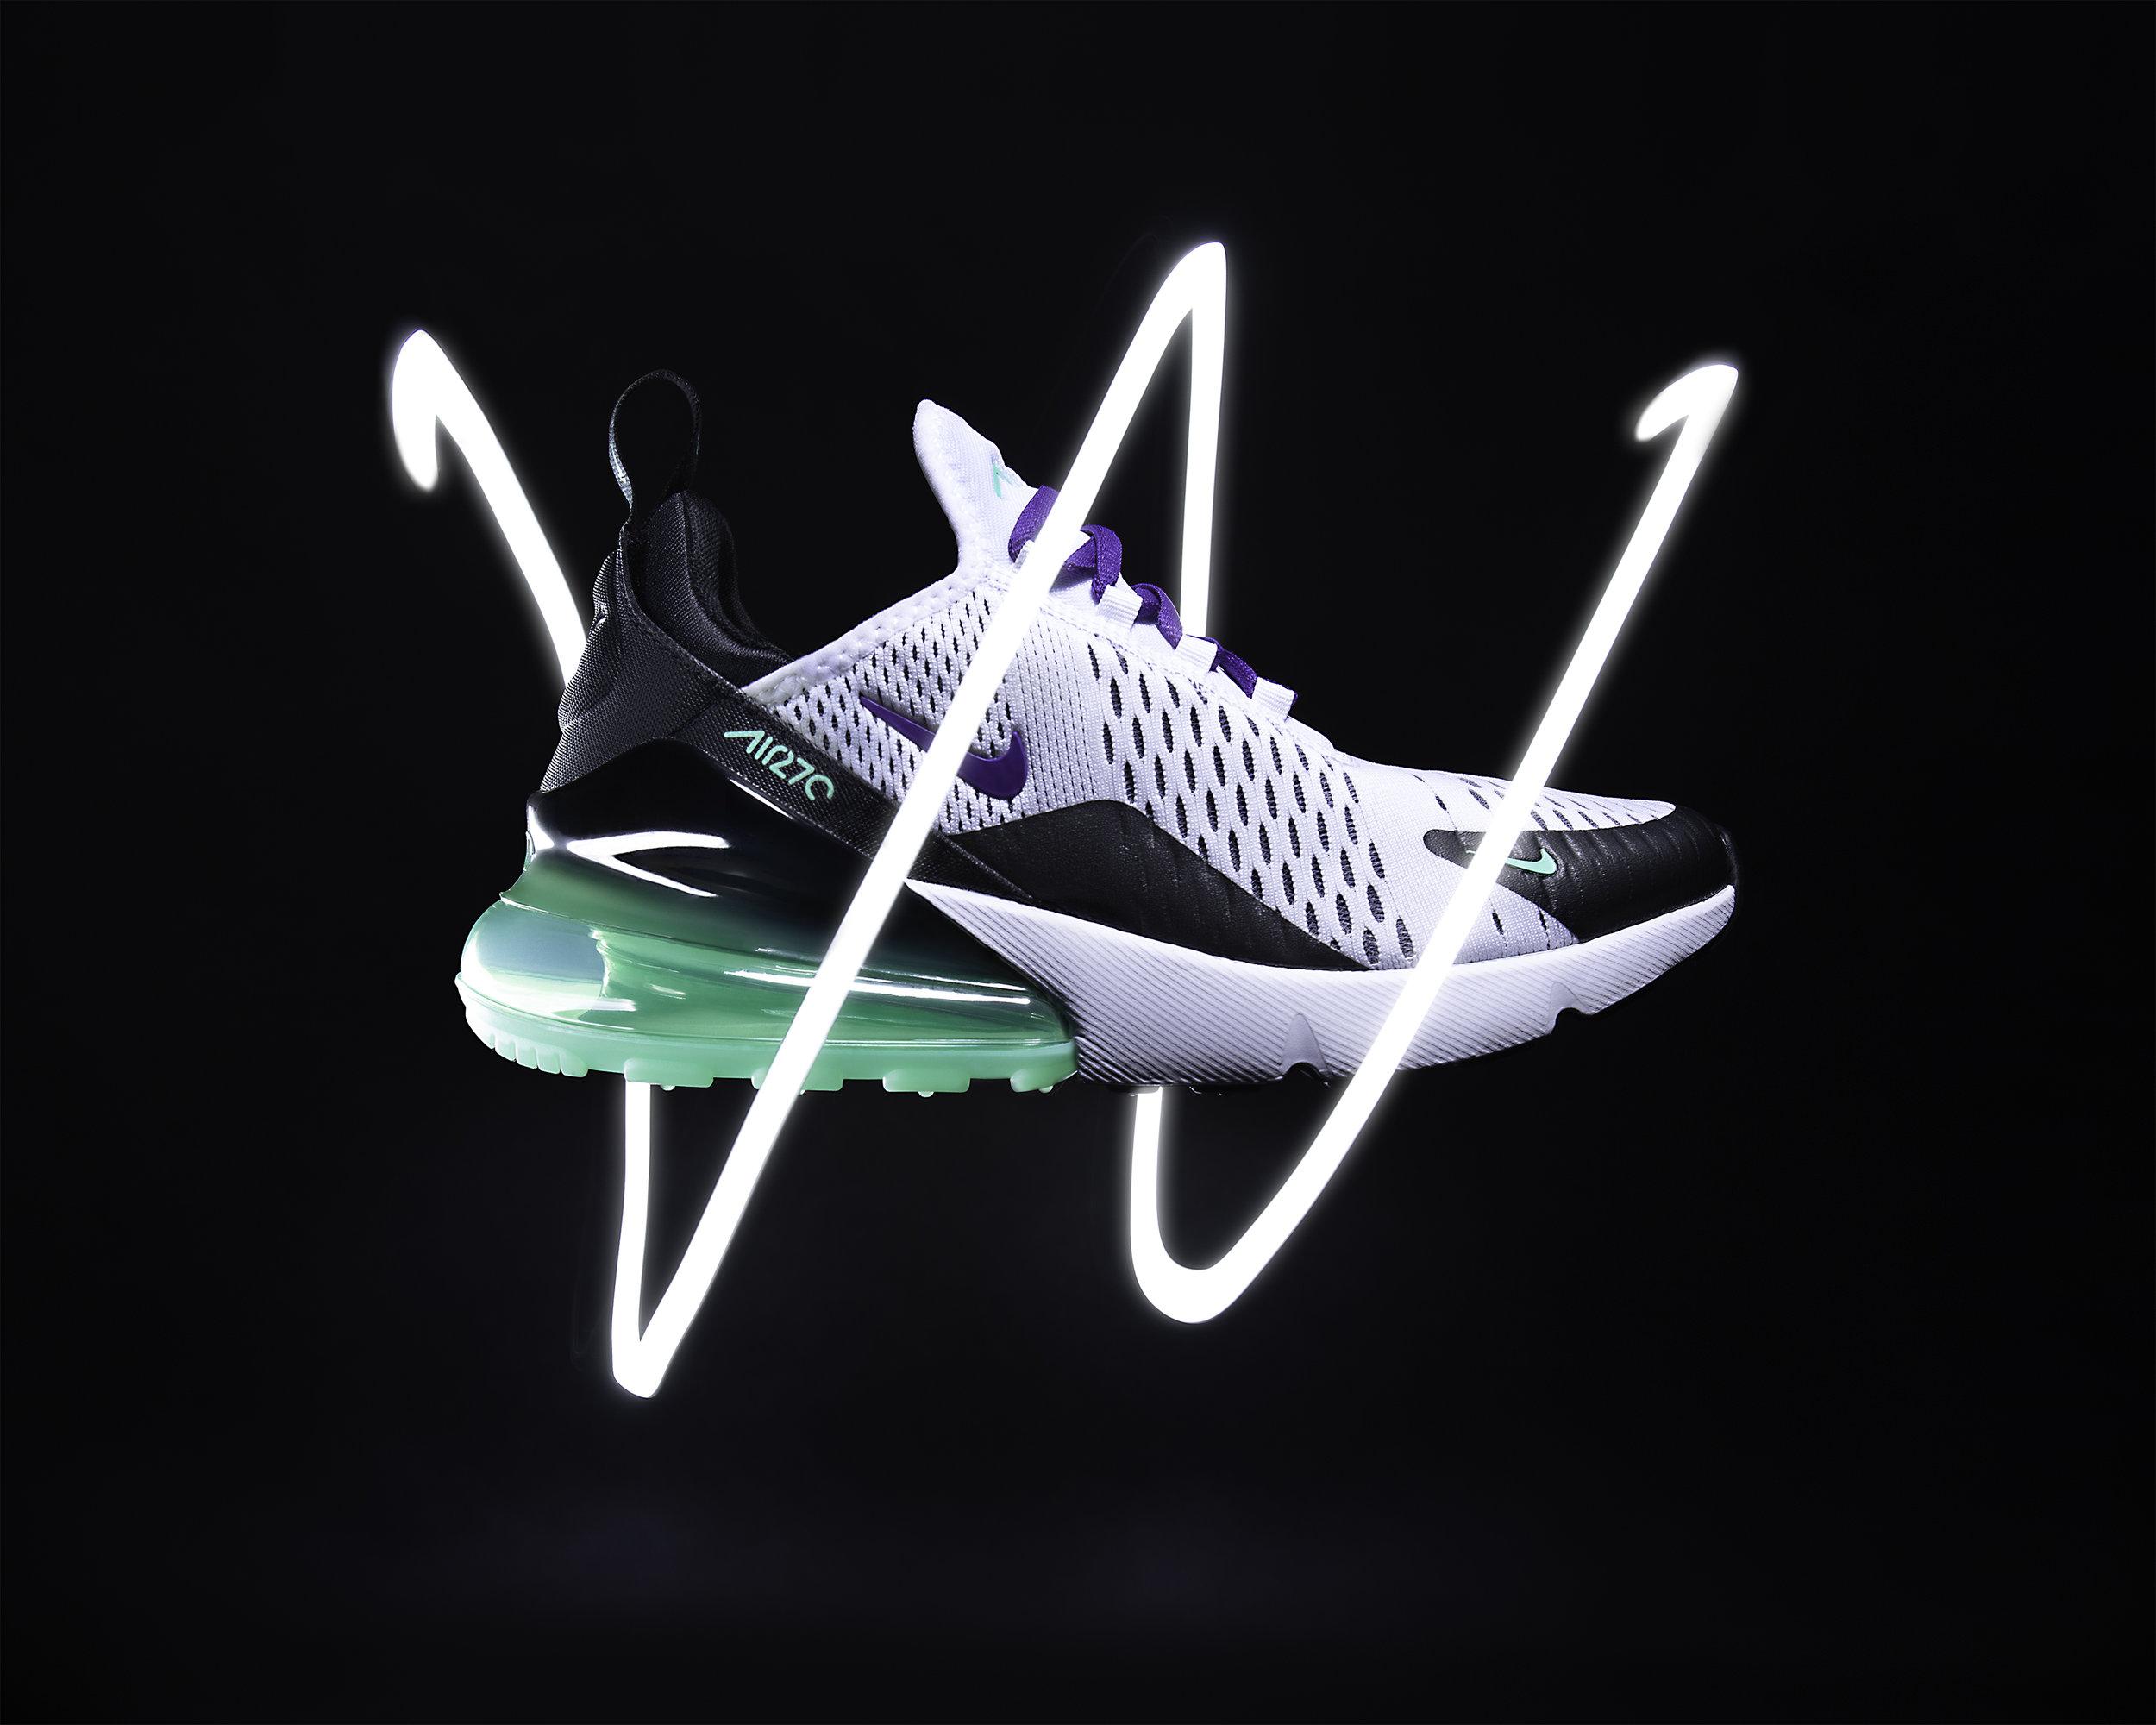 Nike2-Keegan Kruse.jpg